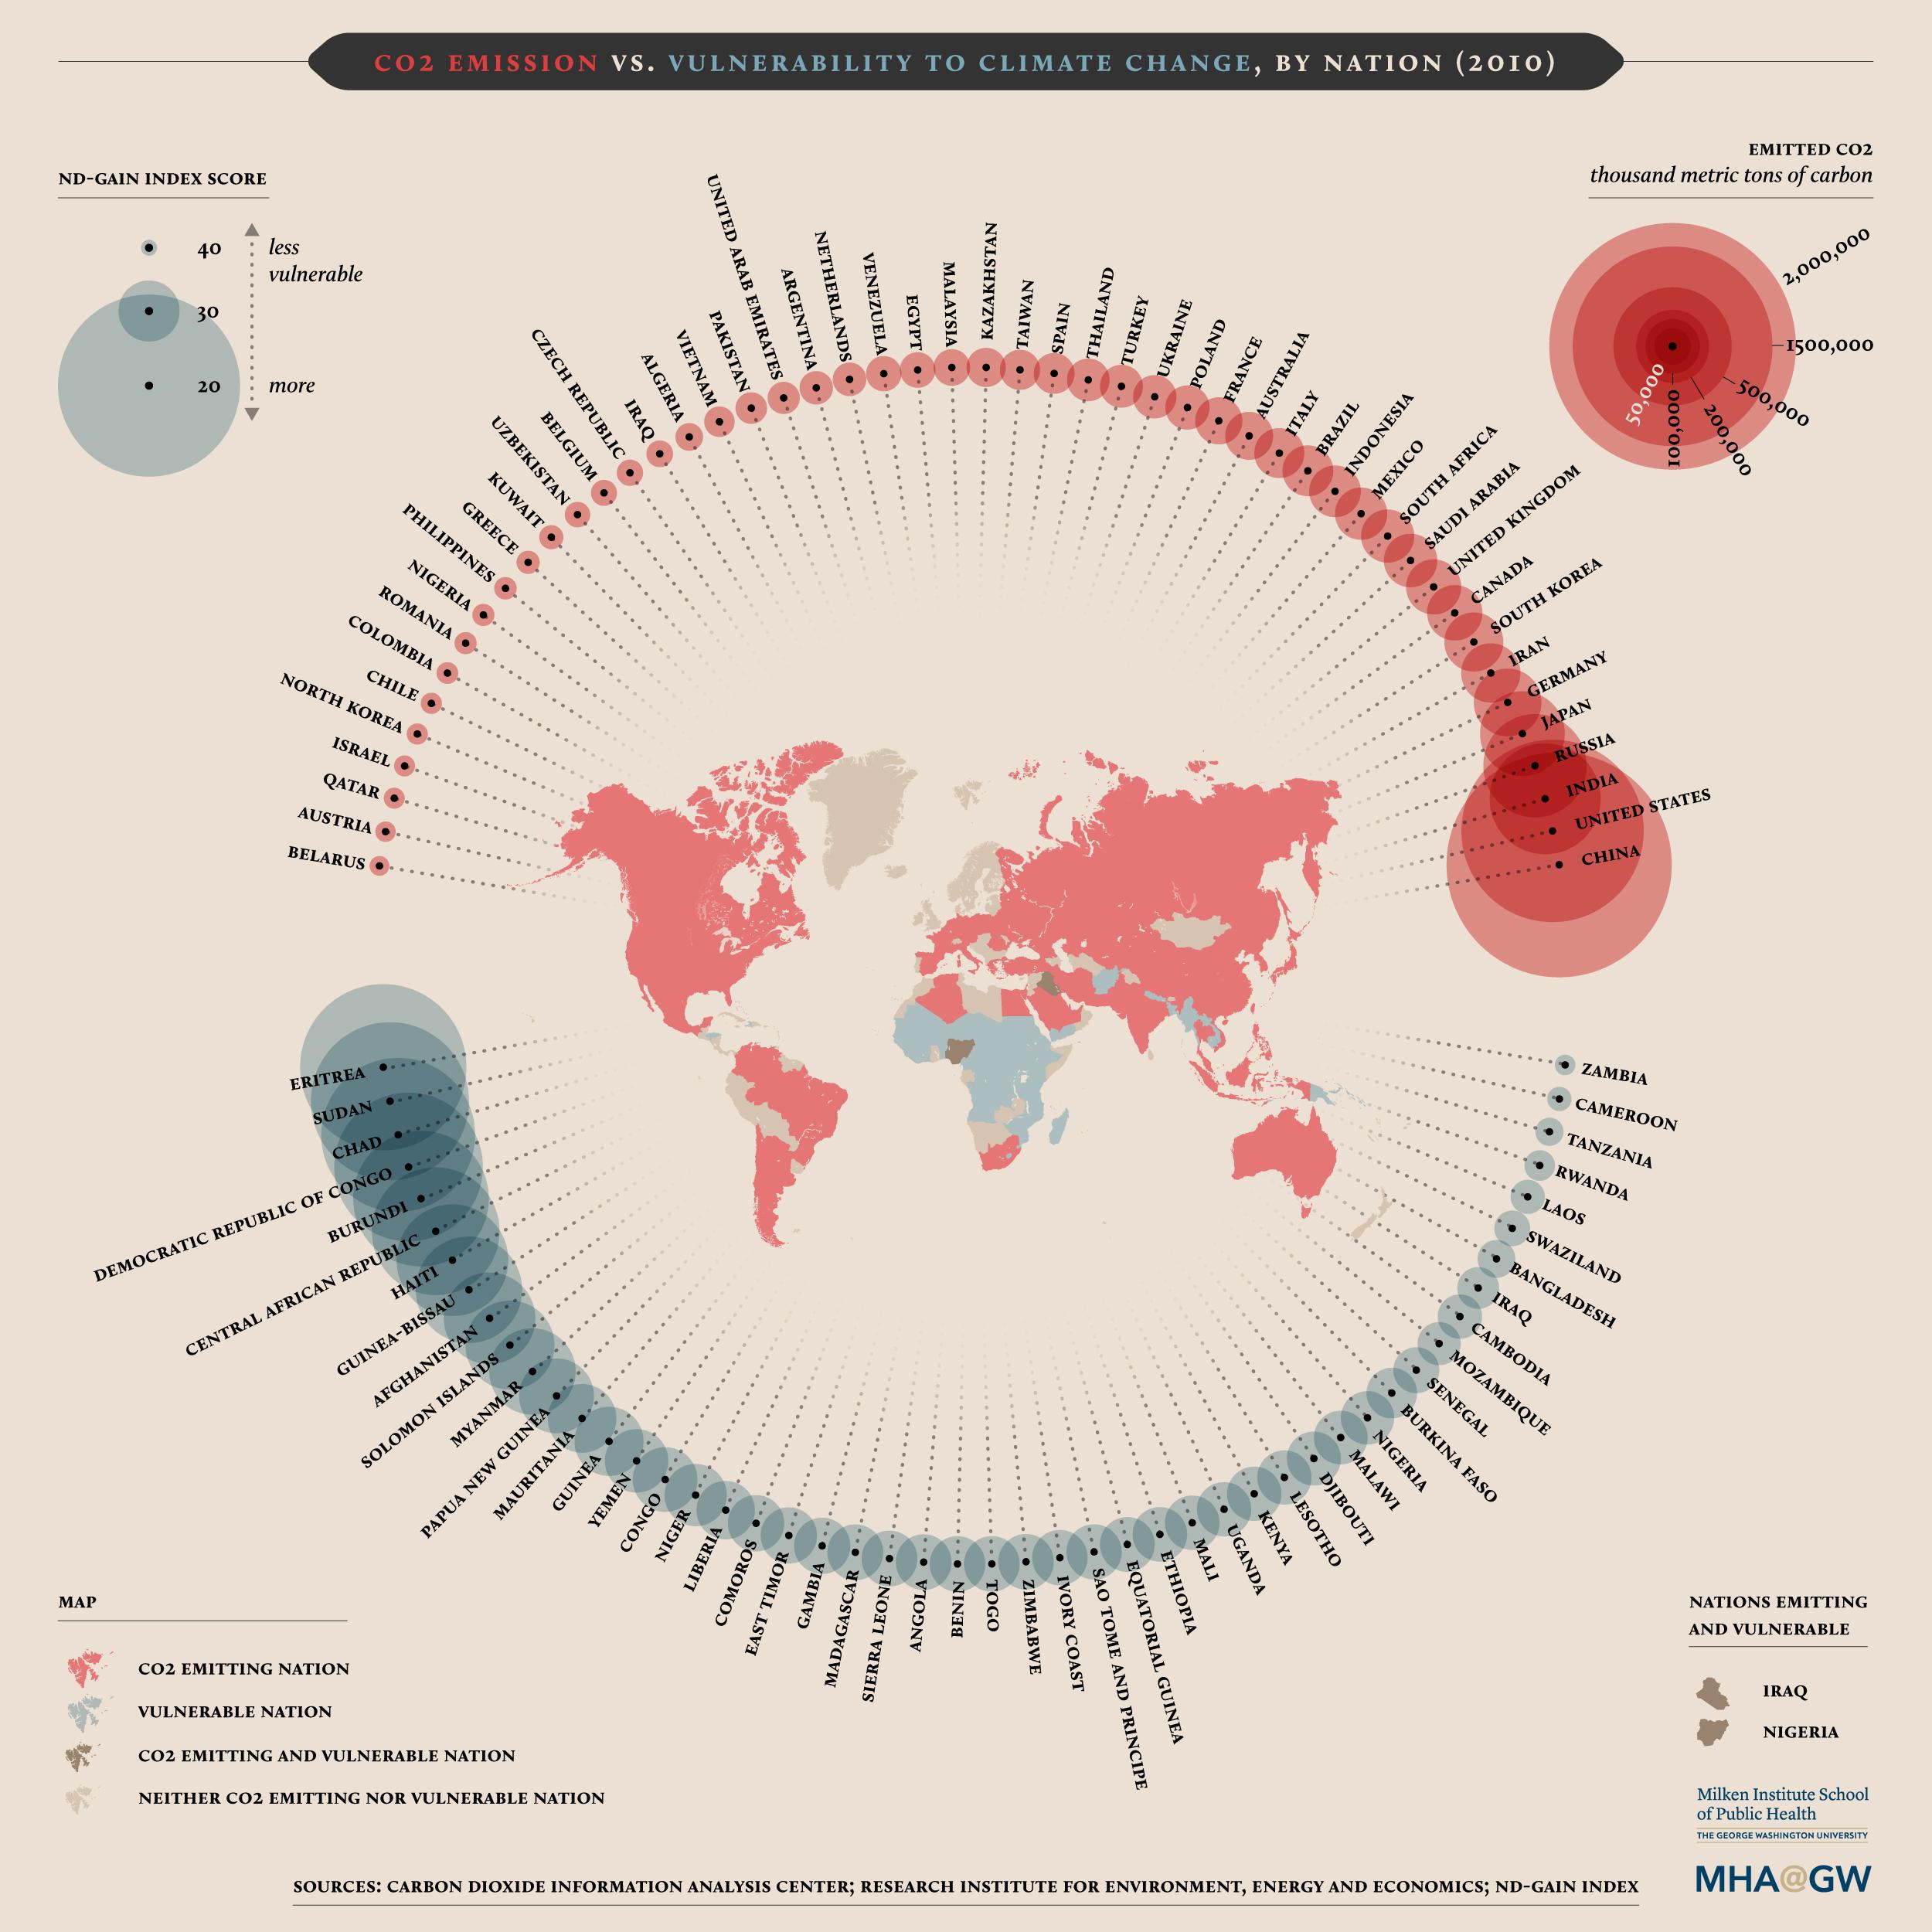 co2 uitstoot en de kwetsbaarheid van klimaat verandering